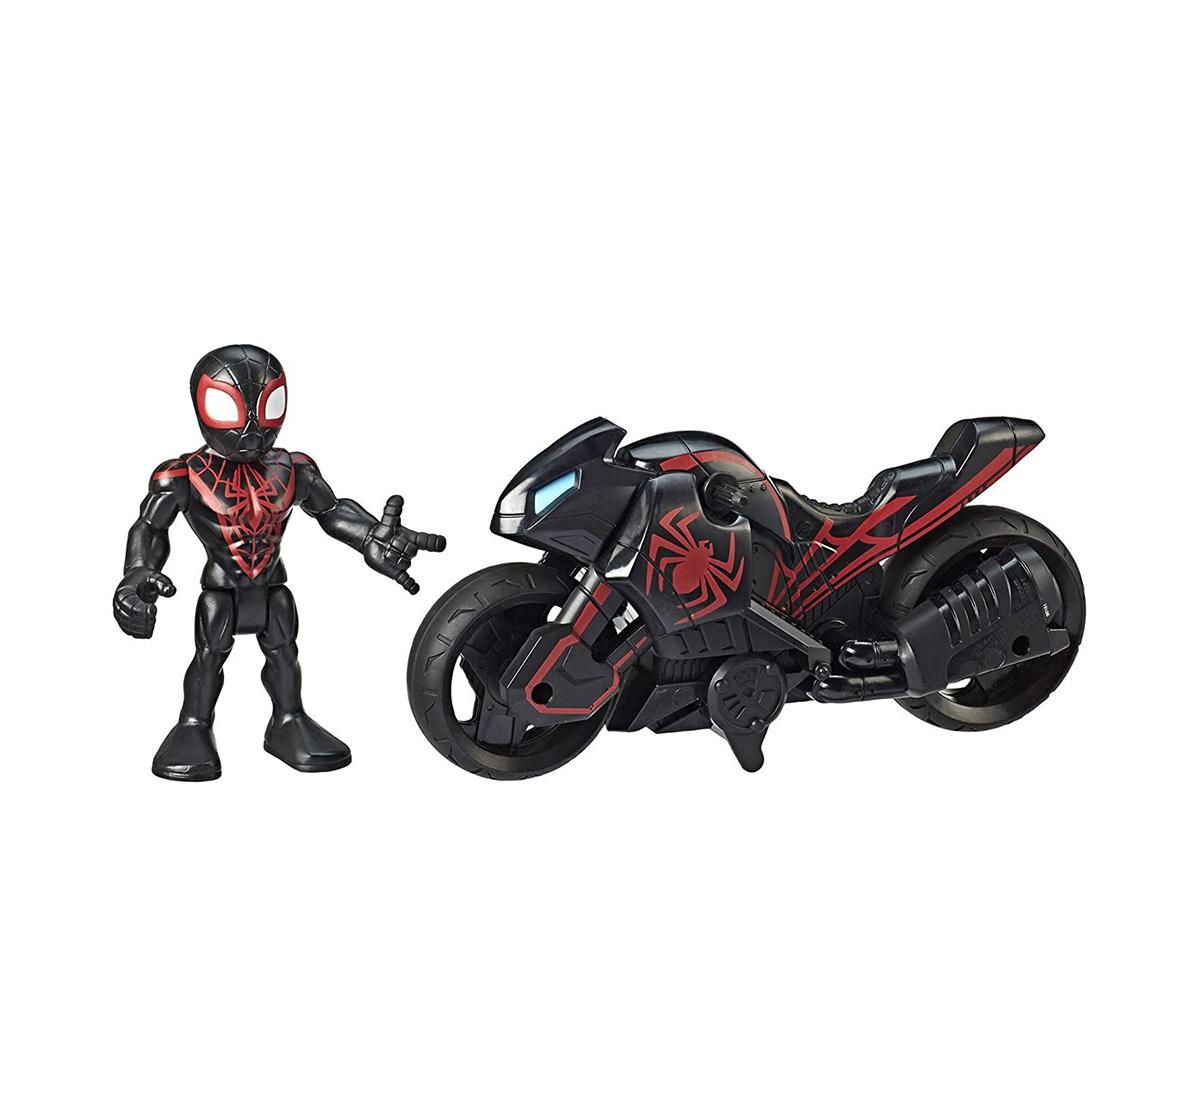 Super Hero Adventures | Super Hero Adventures Marvel  Kid Arachnid Assorted Activity Toys for Boys age 3Y+